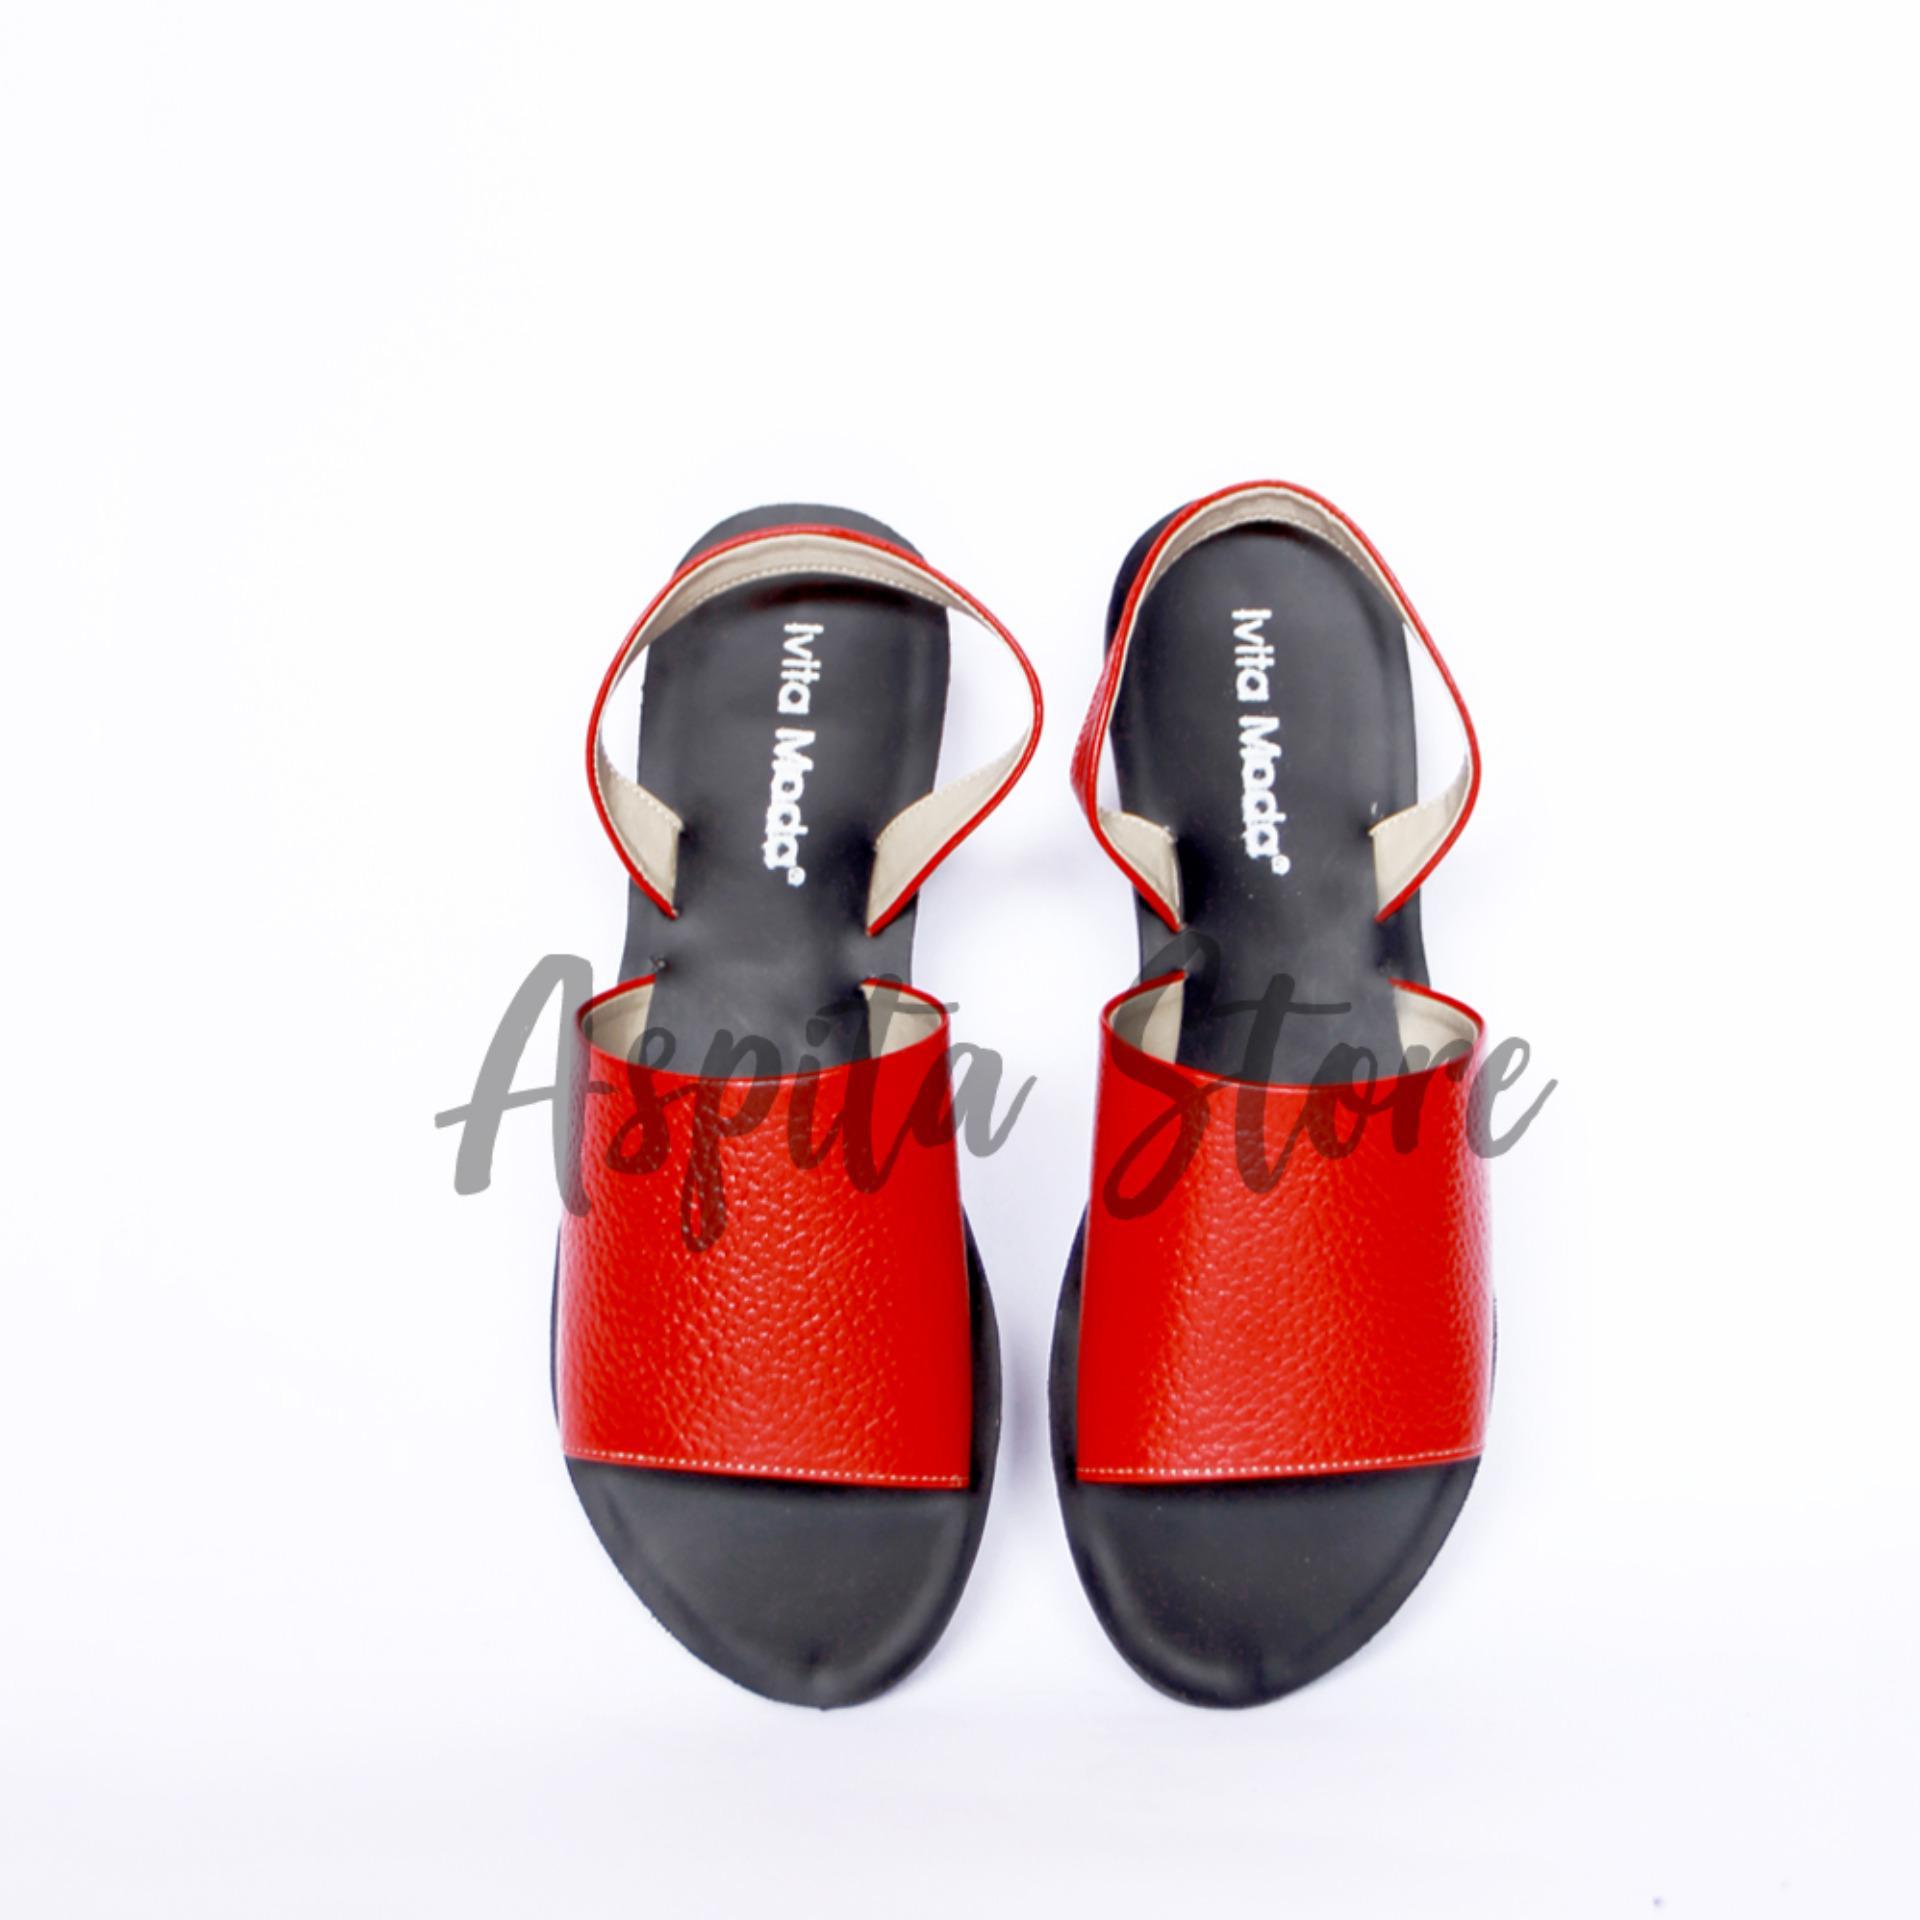 Sandal Kulit Sandal Tali Merah Wanita Trendy Asli Garut Premium Murah - Aspita Store